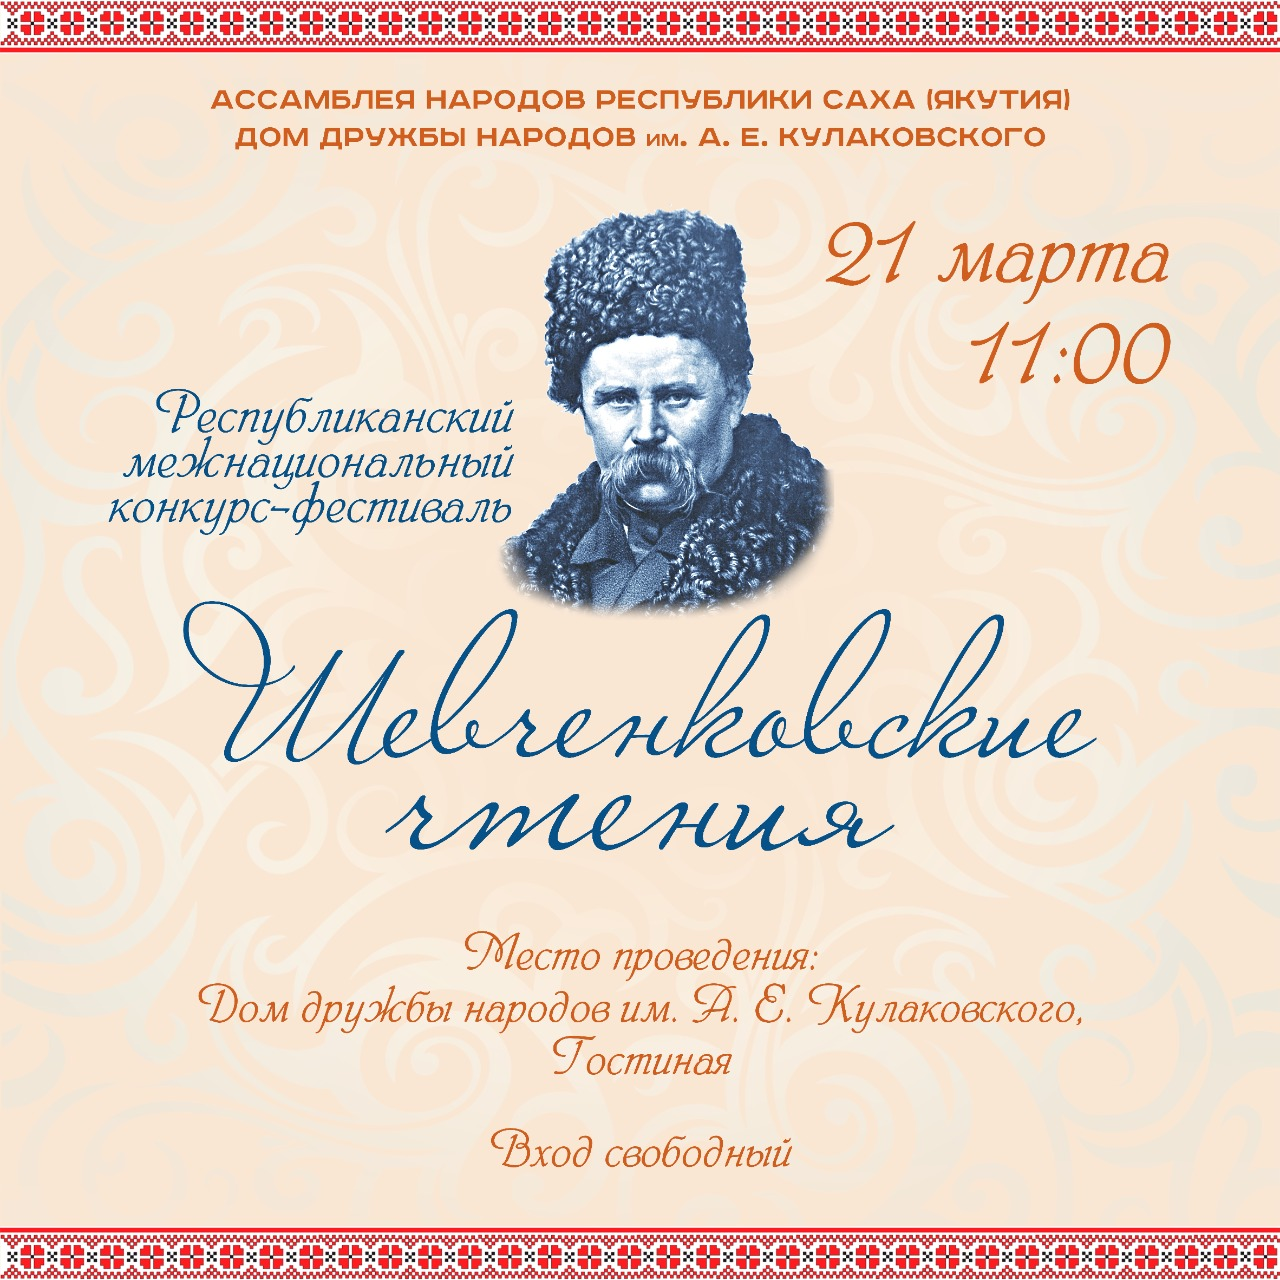 В Якутске пройдут «Шевченковские чтения»